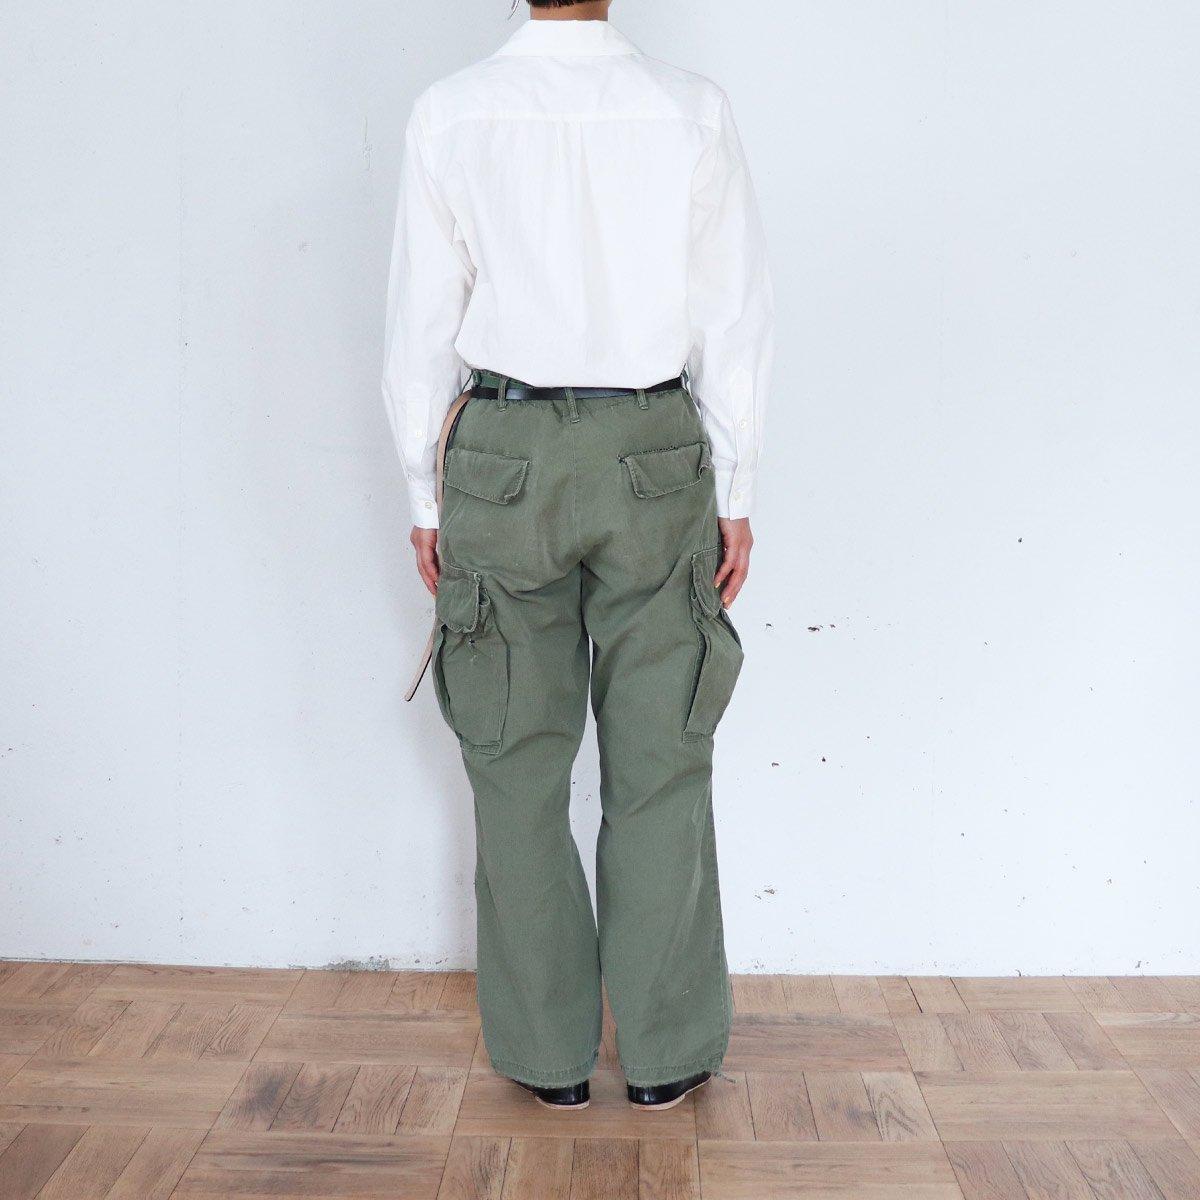 JANGLE FATIGUE PANTS 詳細画像8